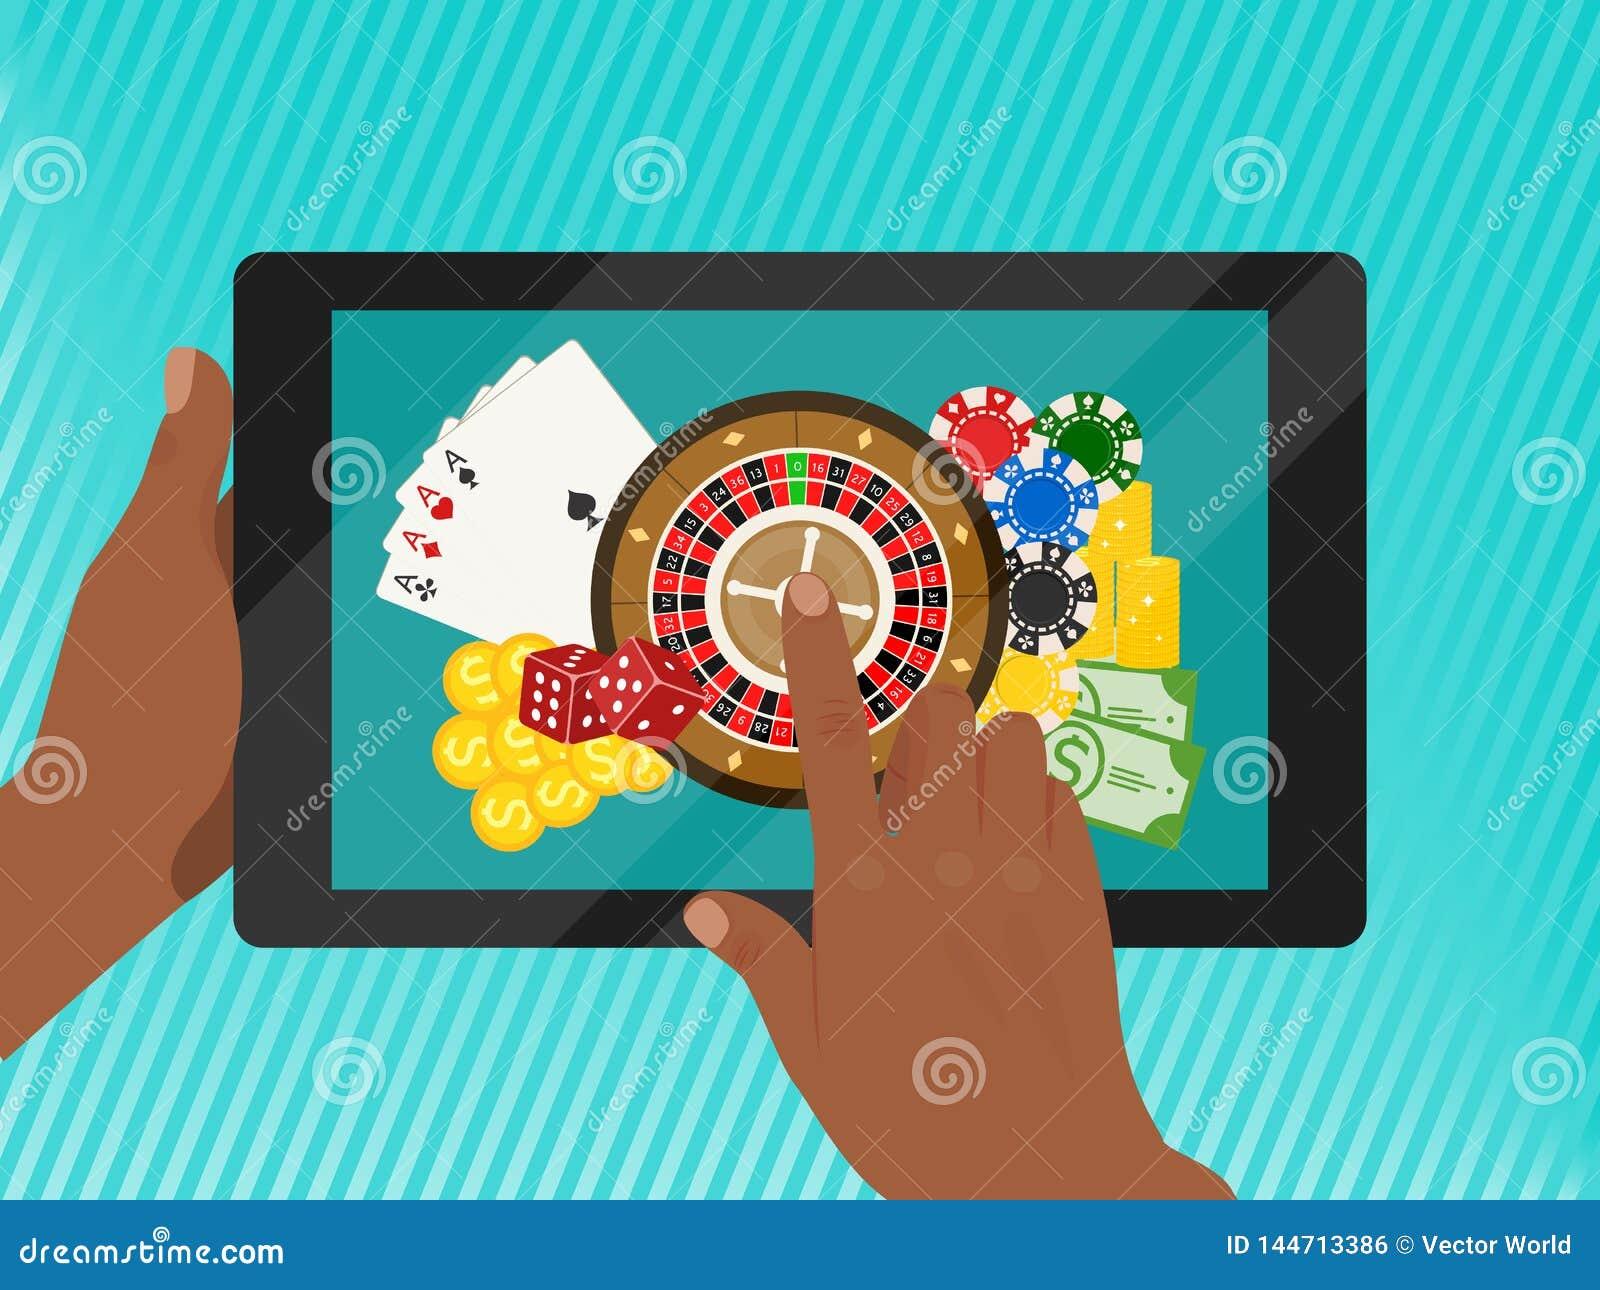 赌博娱乐场网上横幅传染媒介例证 包括轮盘赌,赌博娱乐场芯片,纸牌,赢得金钱 模子,现金